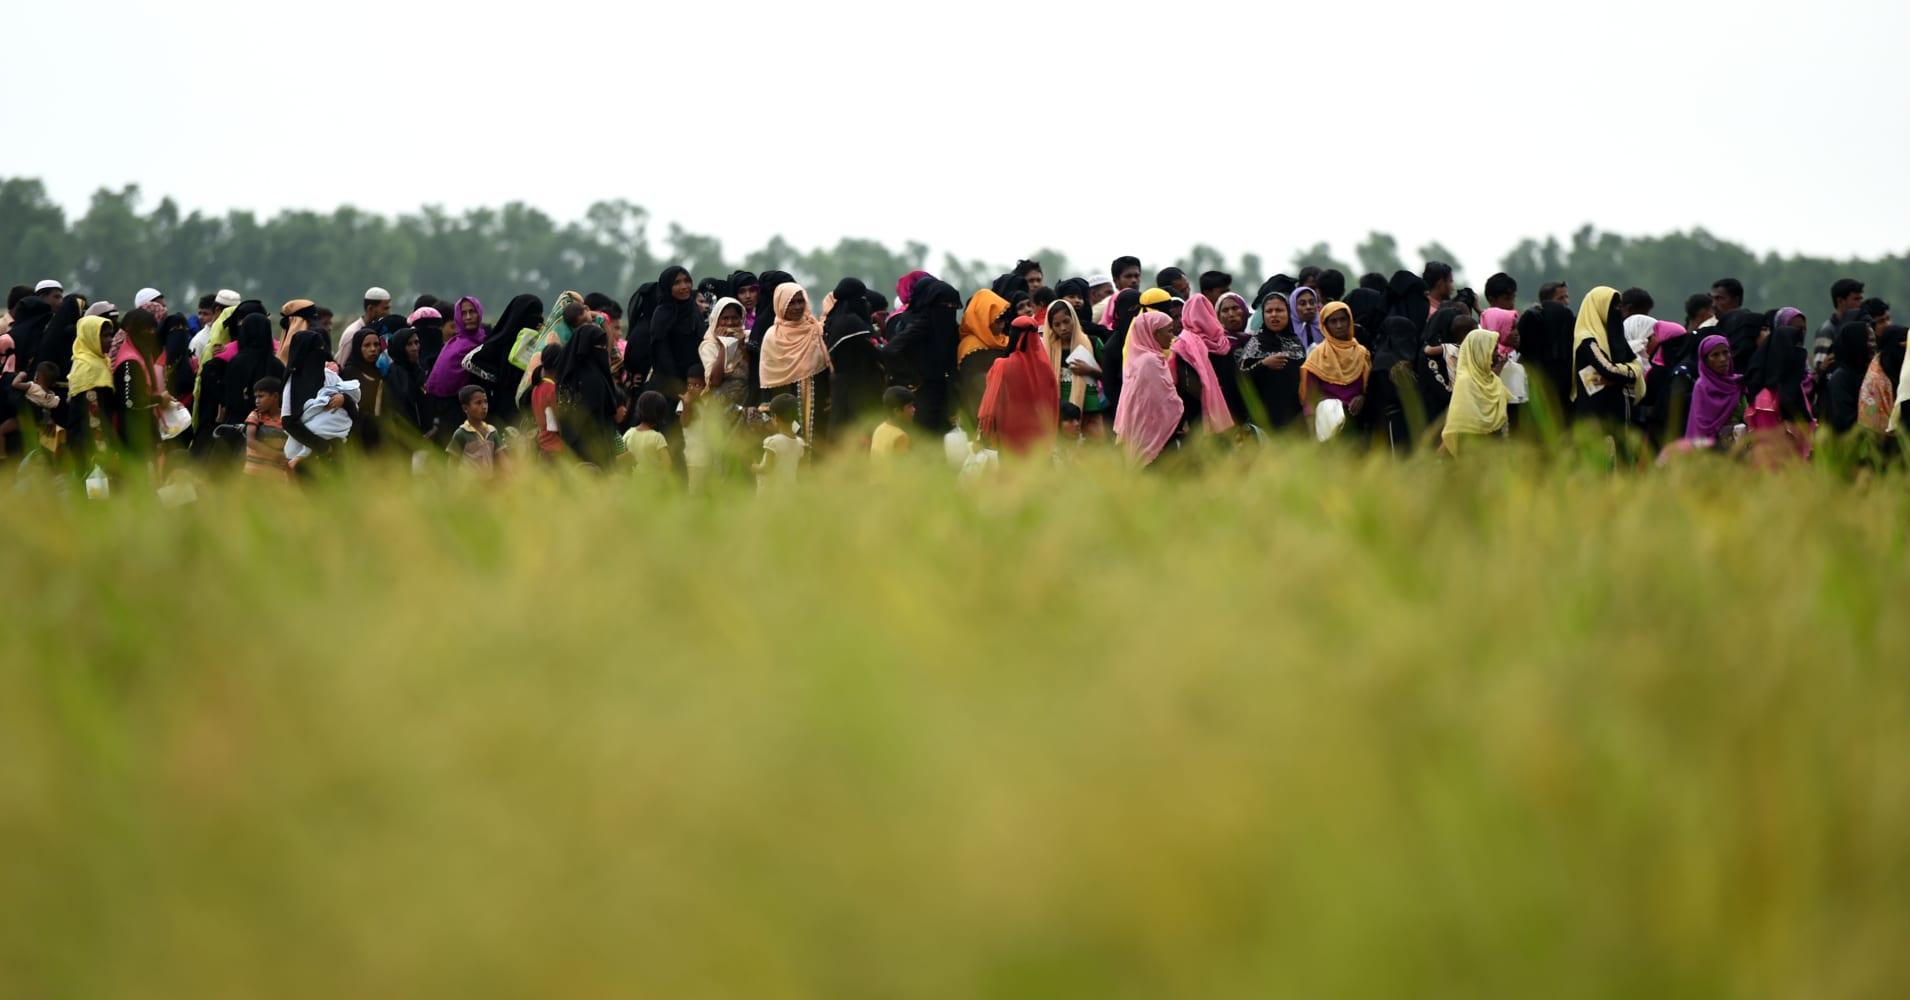 UN: Myanmar military chiefs should face 'genocide' case